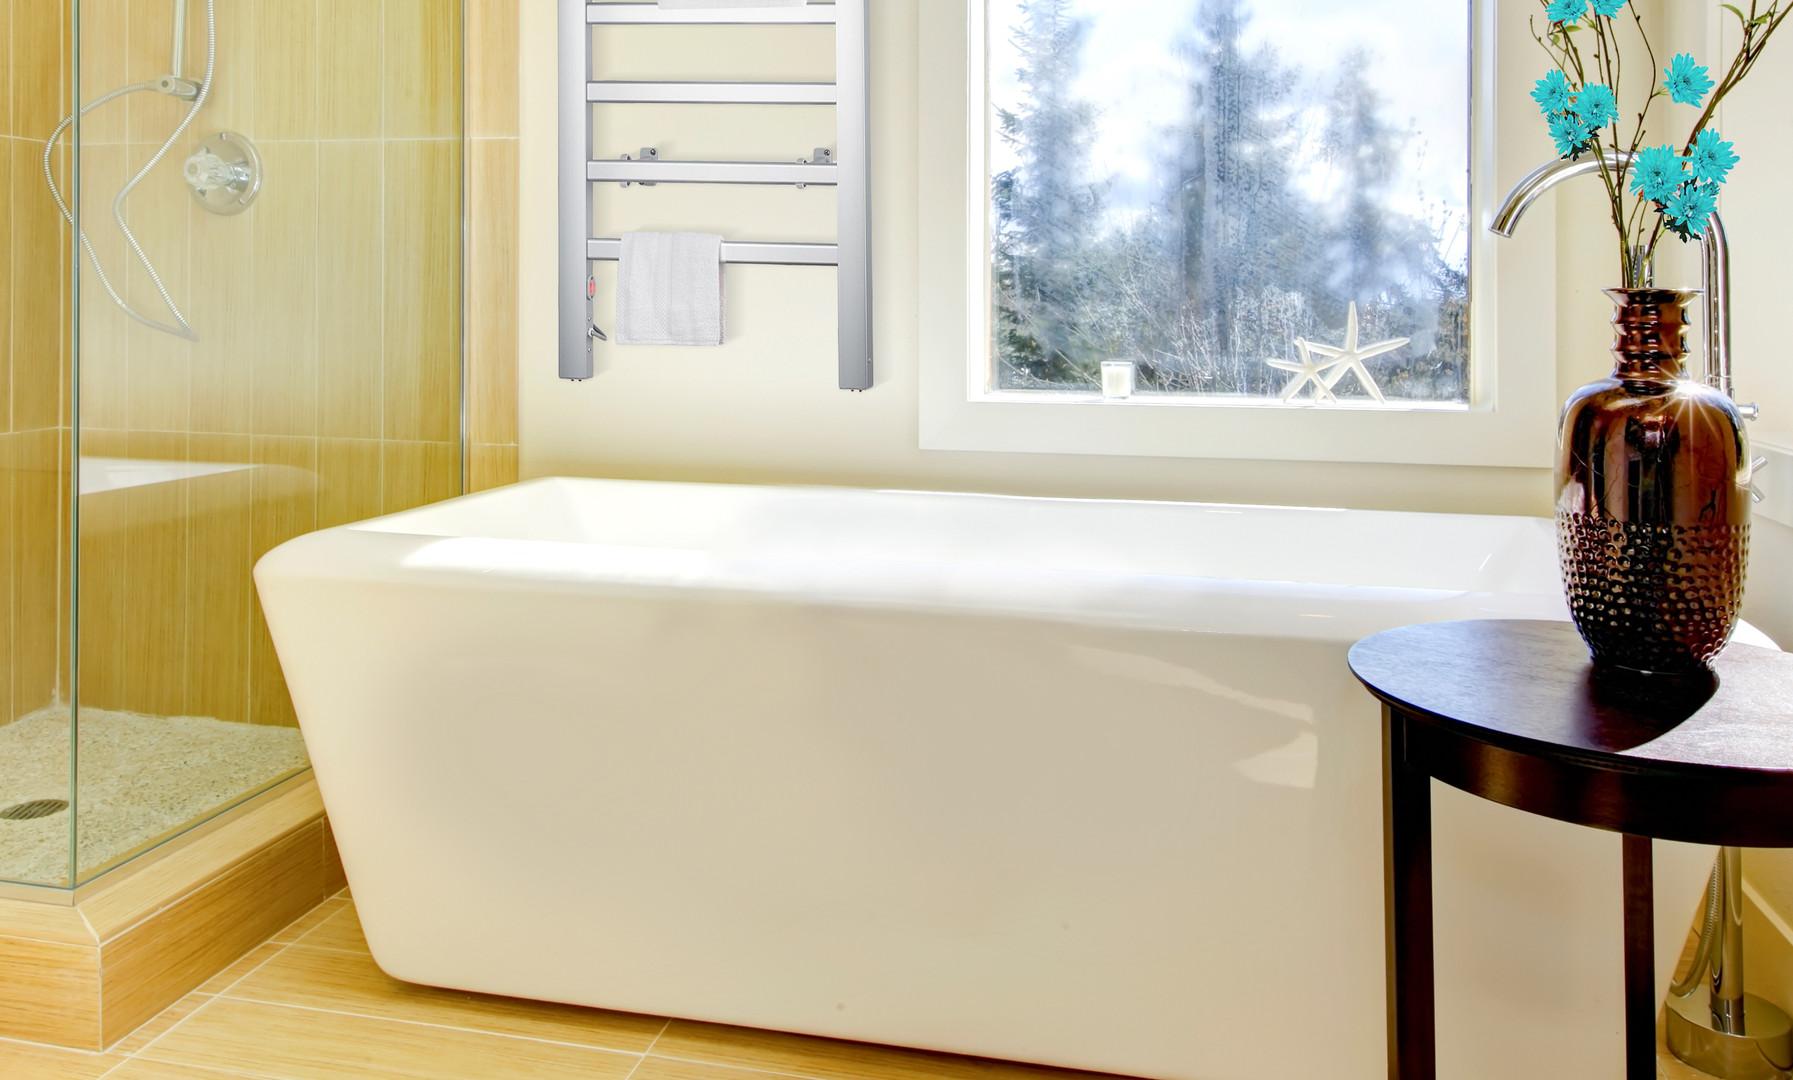 towel warmer_image5.jpg